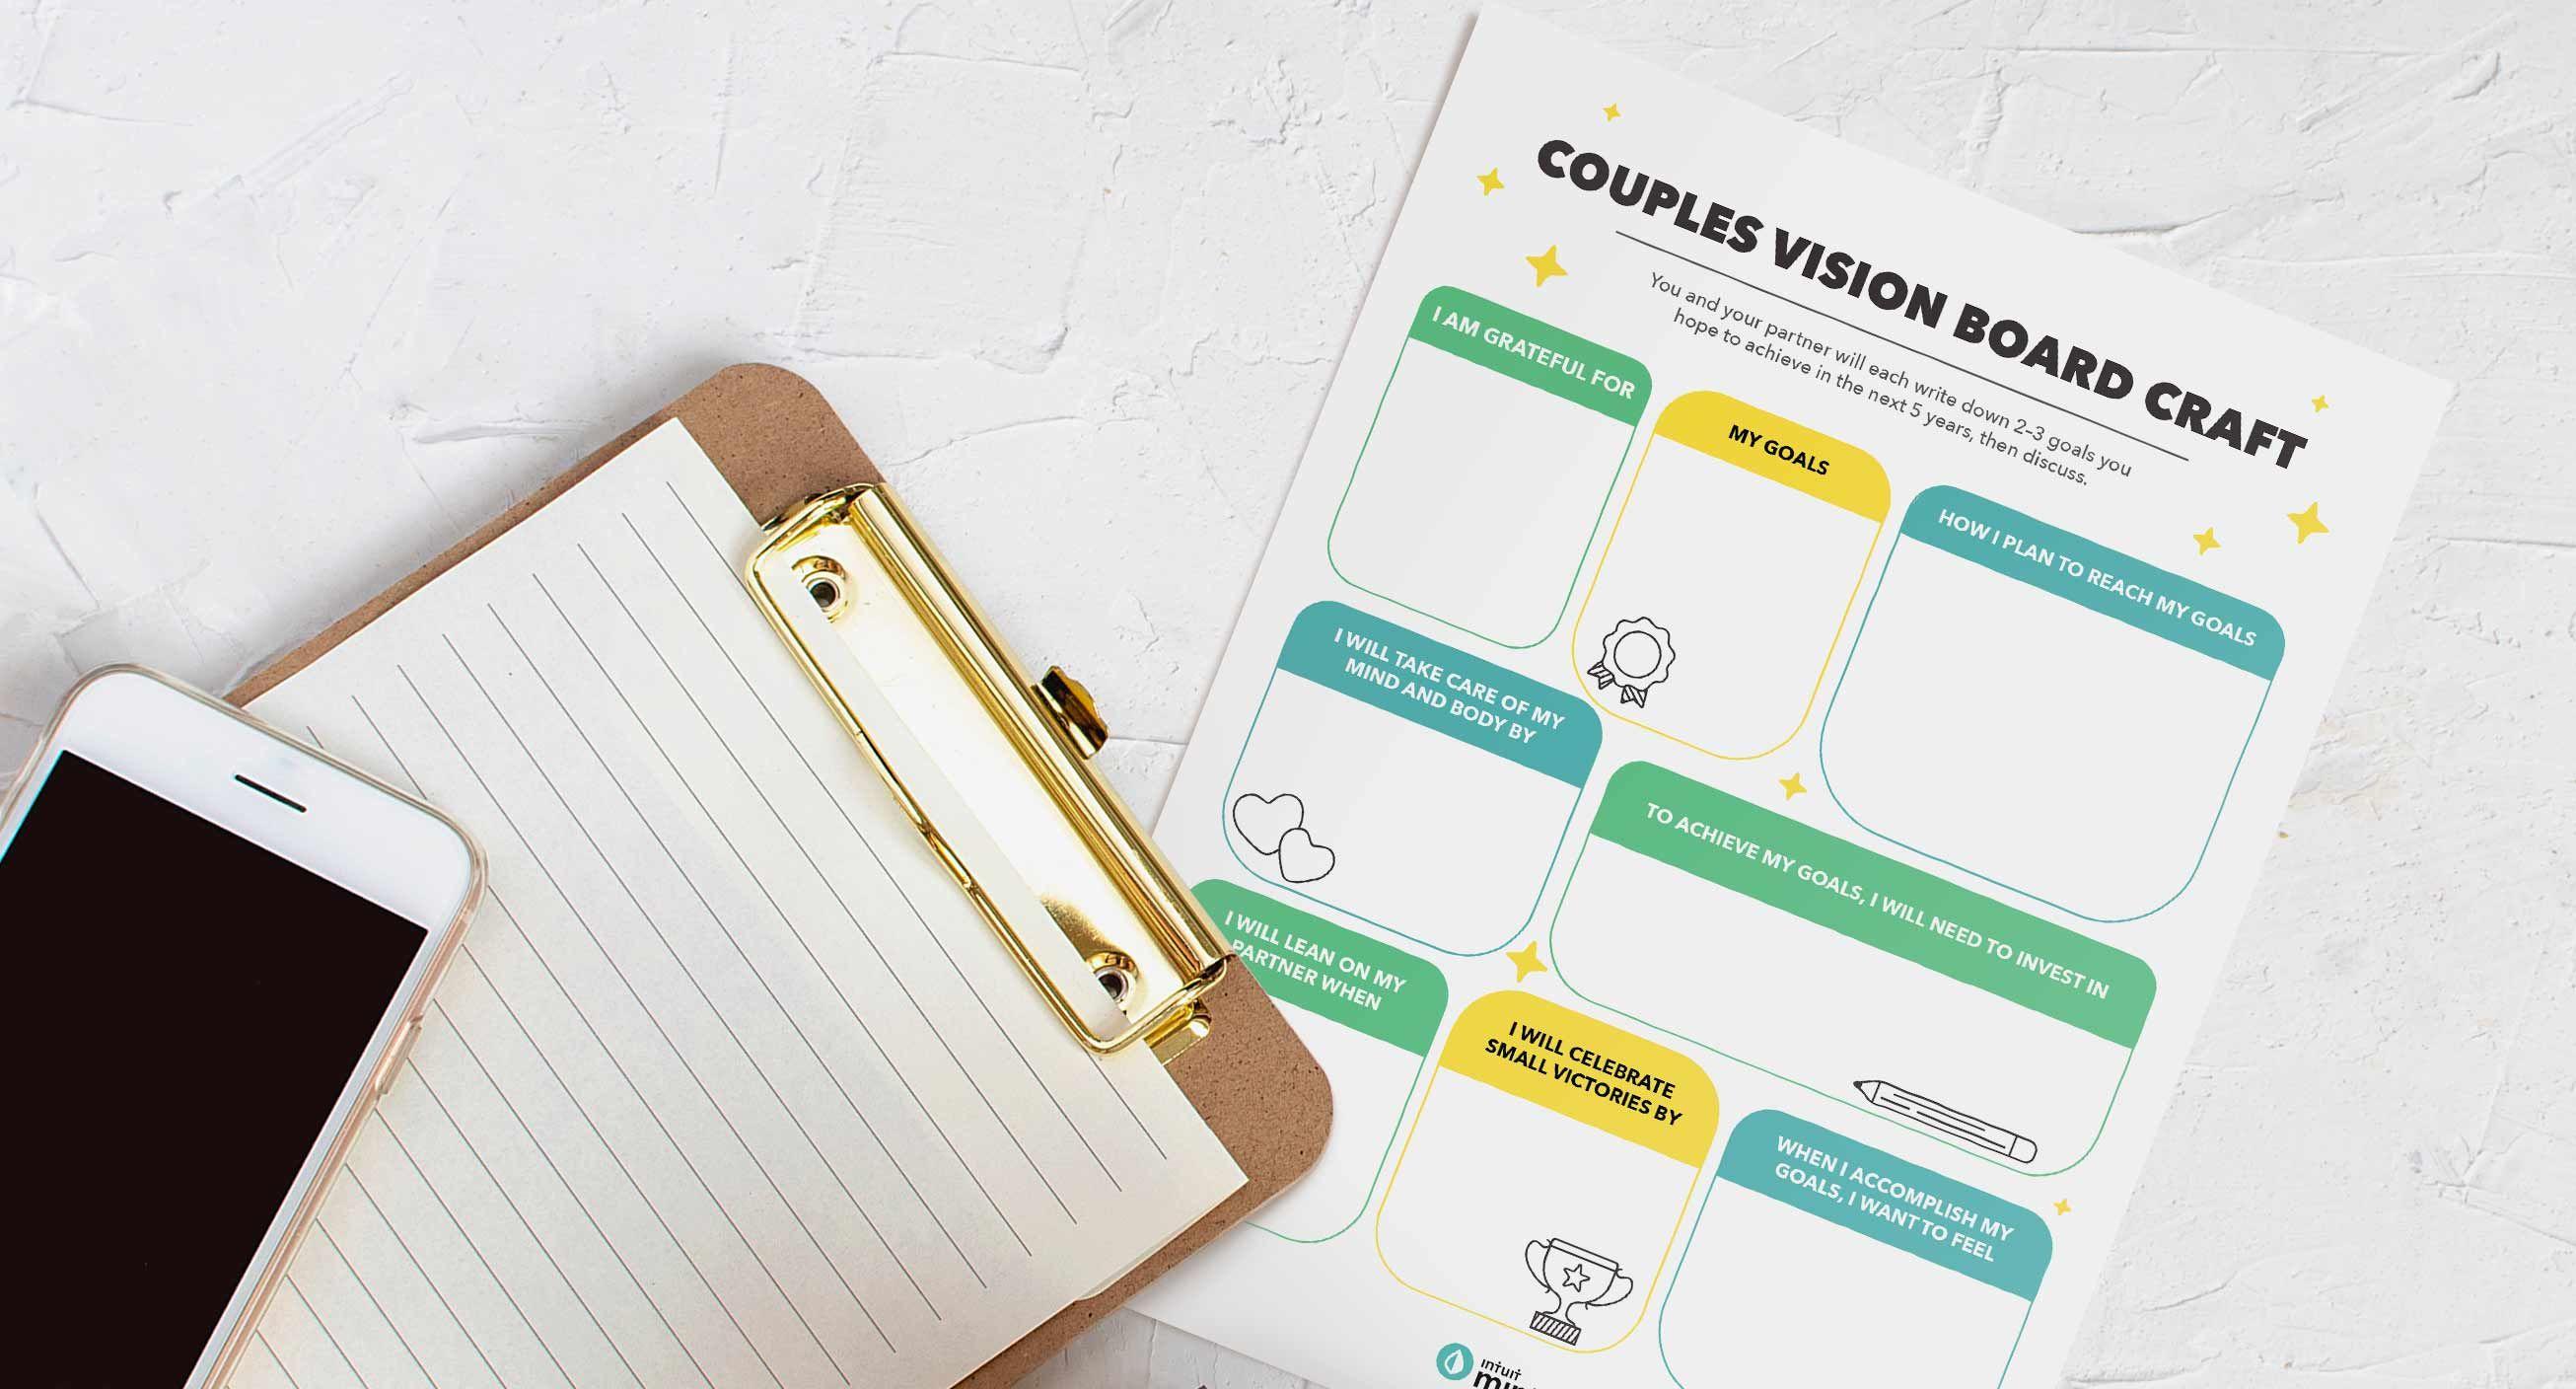 Couples Vision Board Mockup